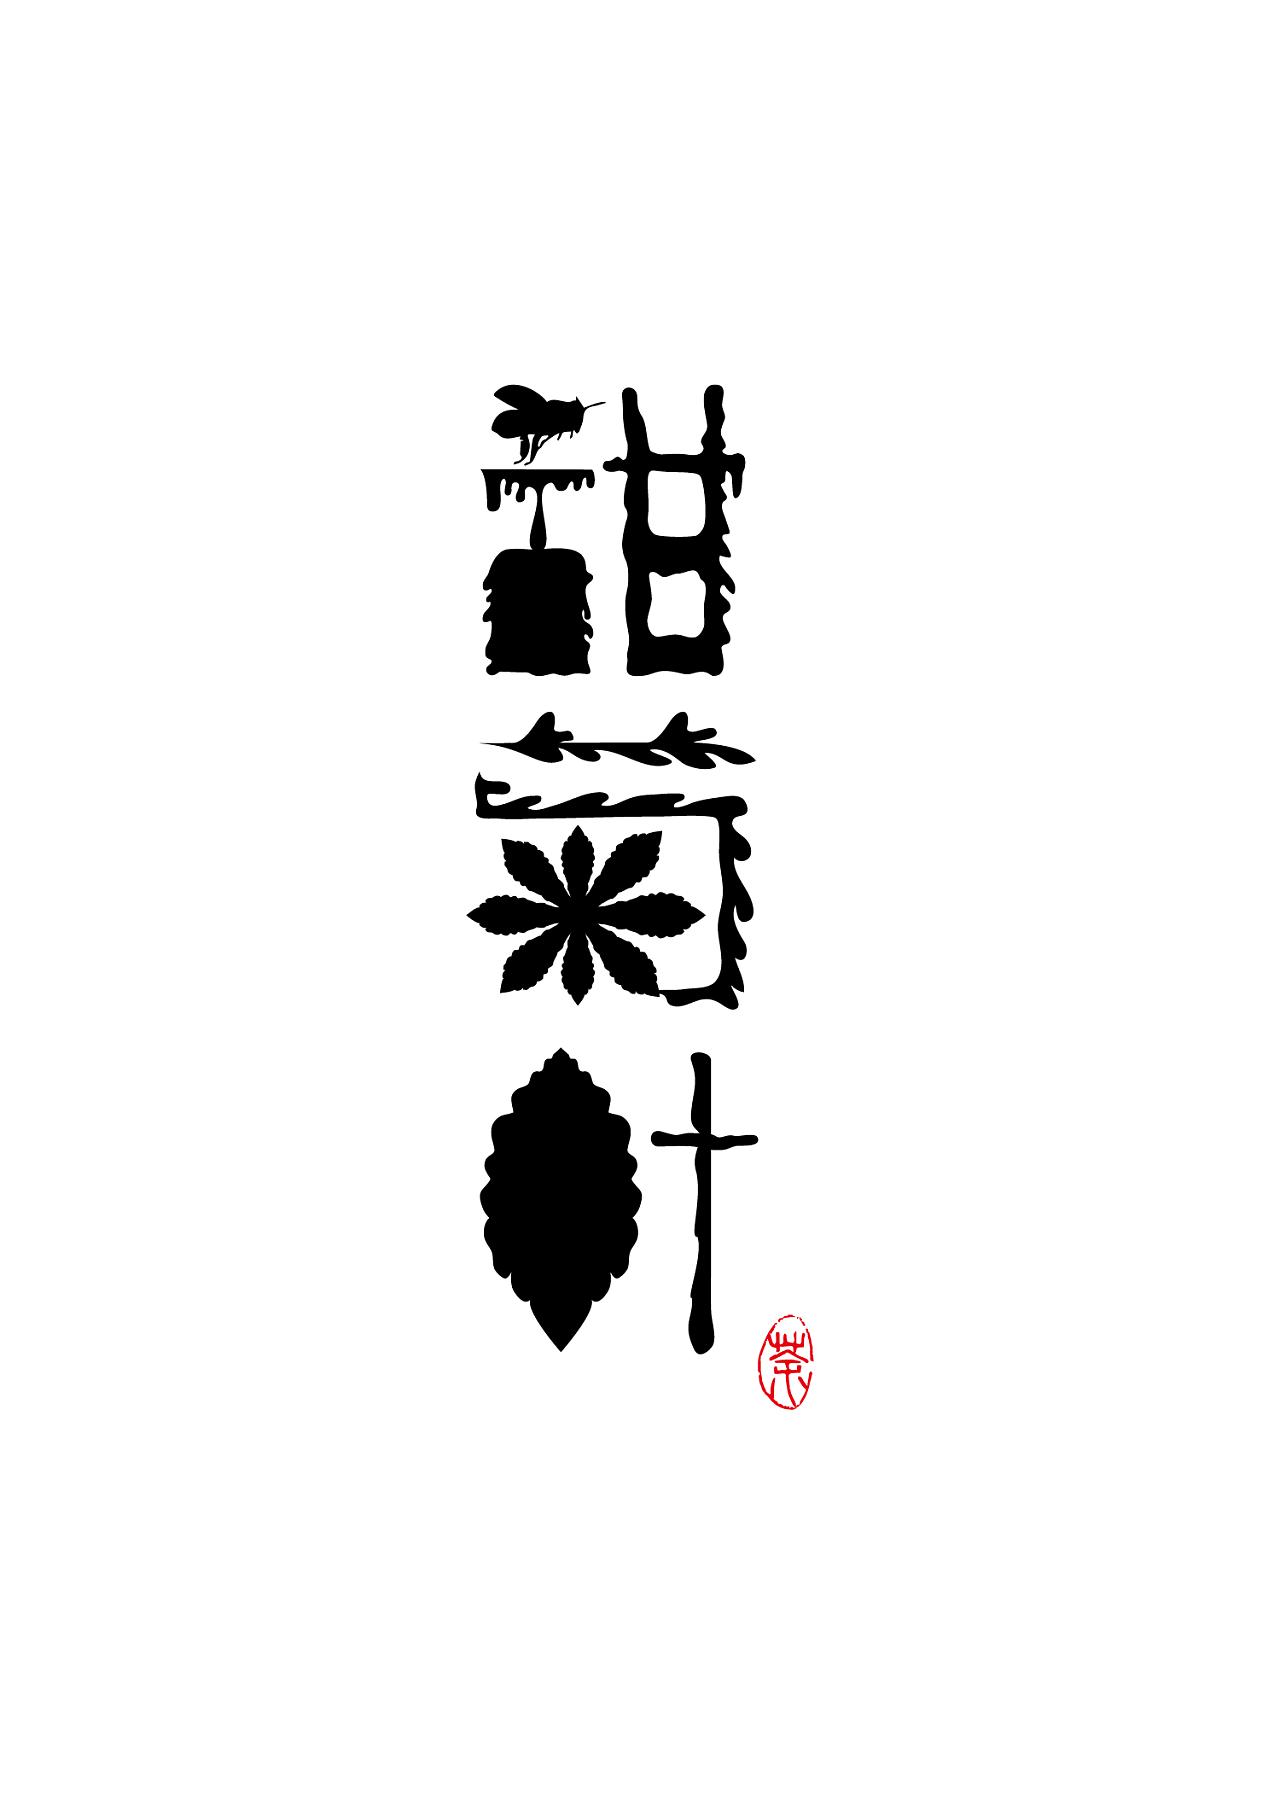 茶叶字体设计图片